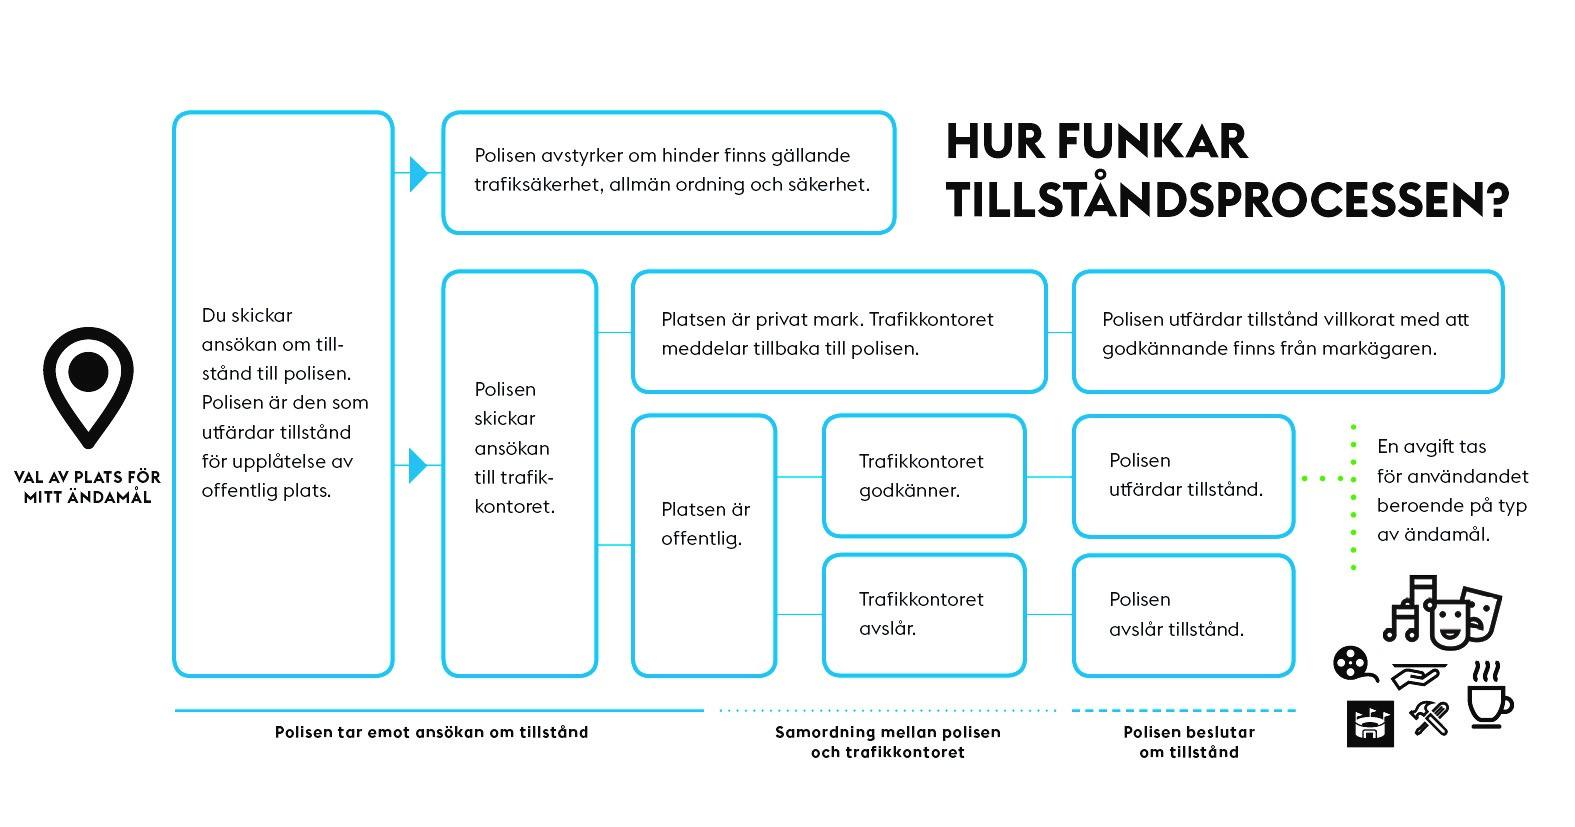 hur-funkar-tillstandsprocessen (1).jpg